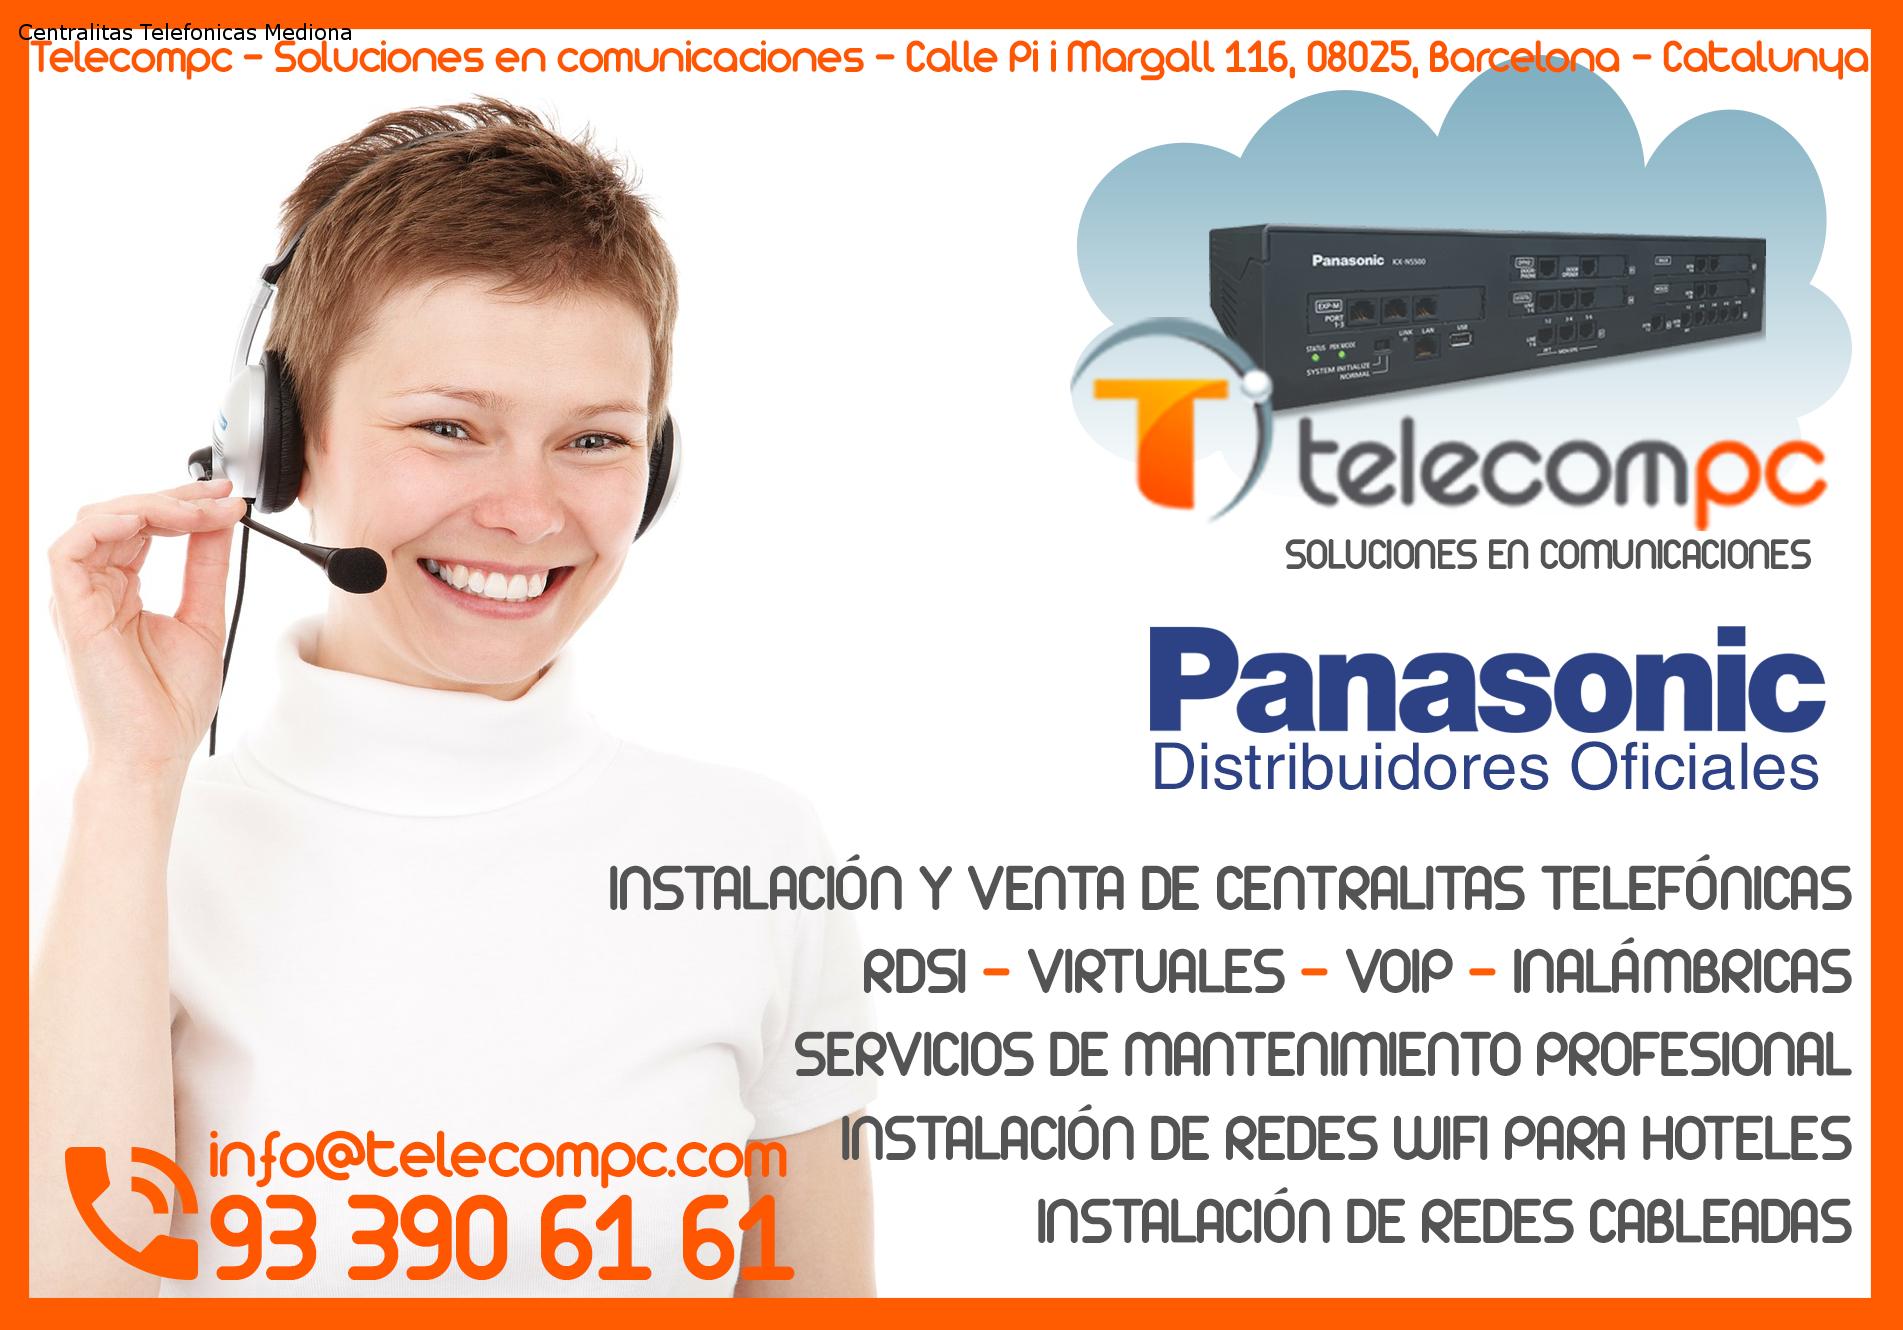 Centralitas Telefonicas Mediona